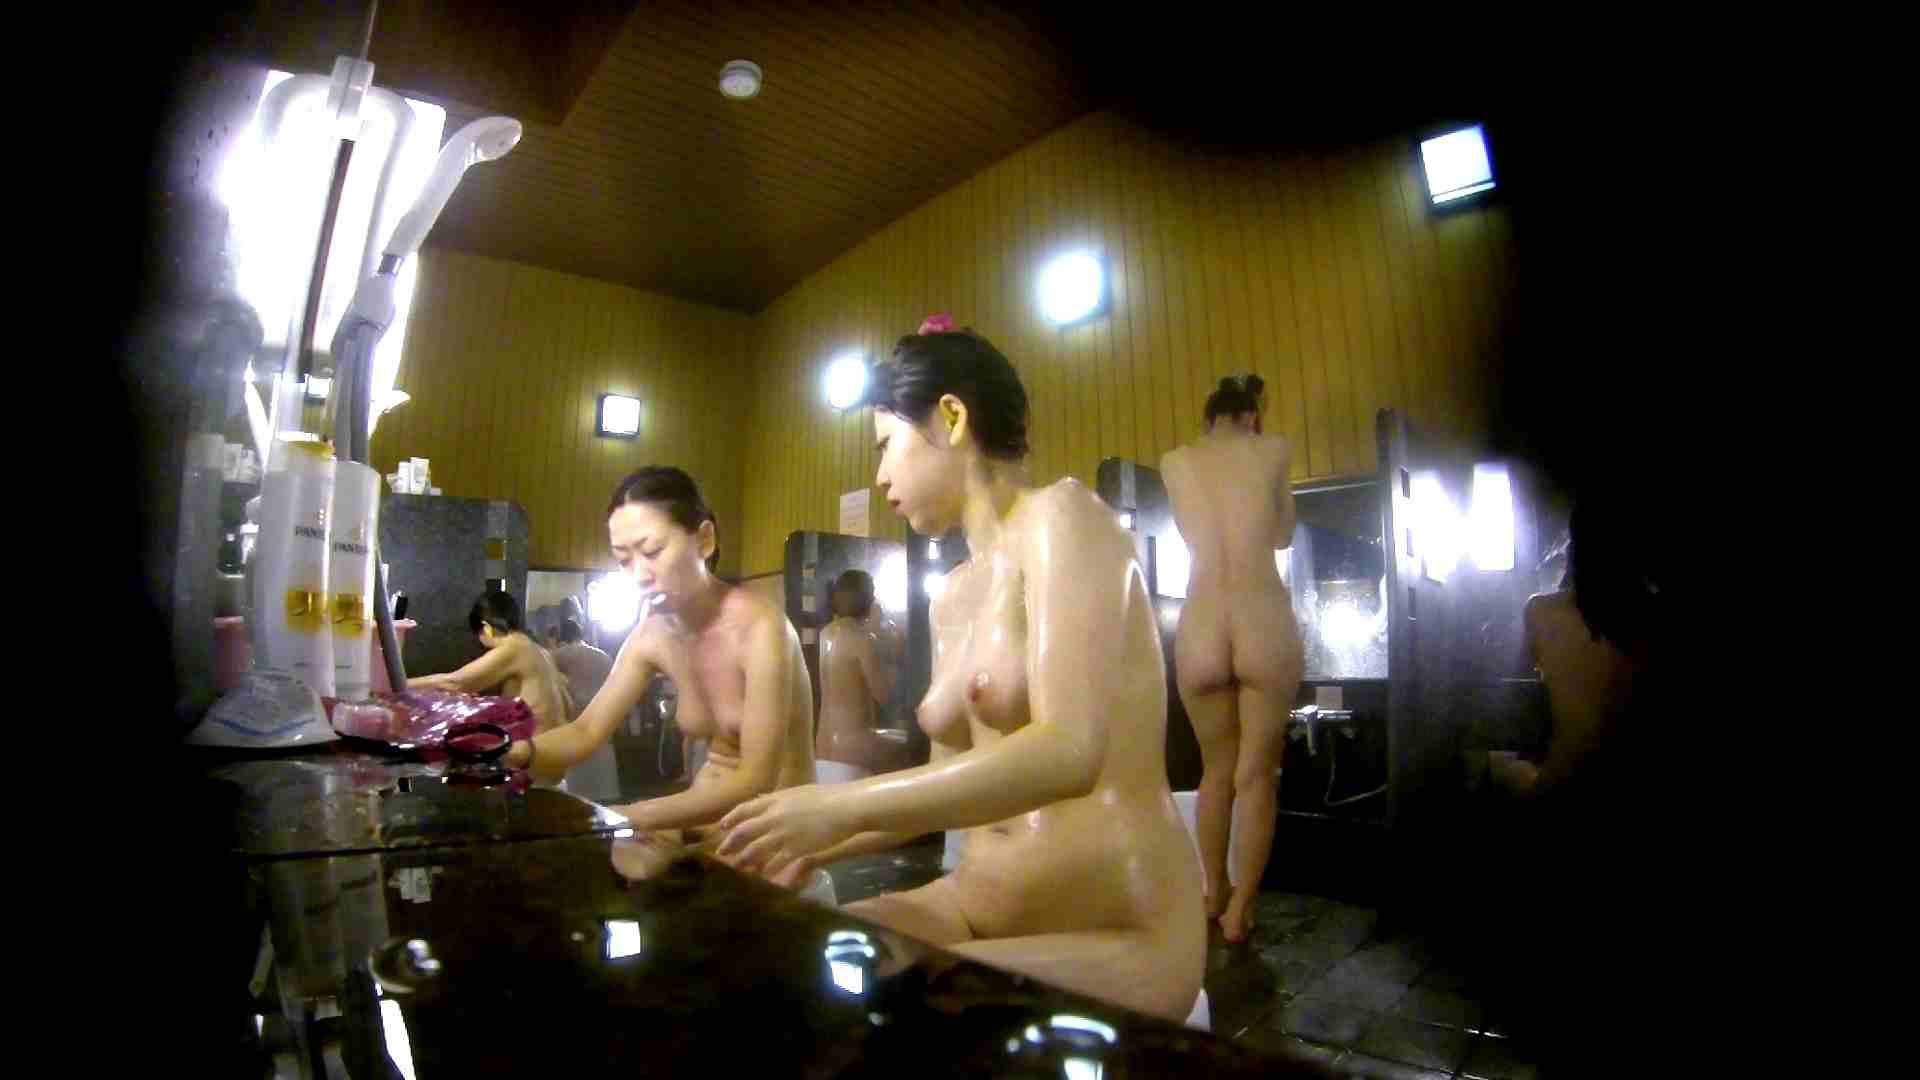 洗い場!柔らかそうな身体は良いけど、歯磨きが下品です。 お姉さん攻略 AV動画キャプチャ 107画像 65